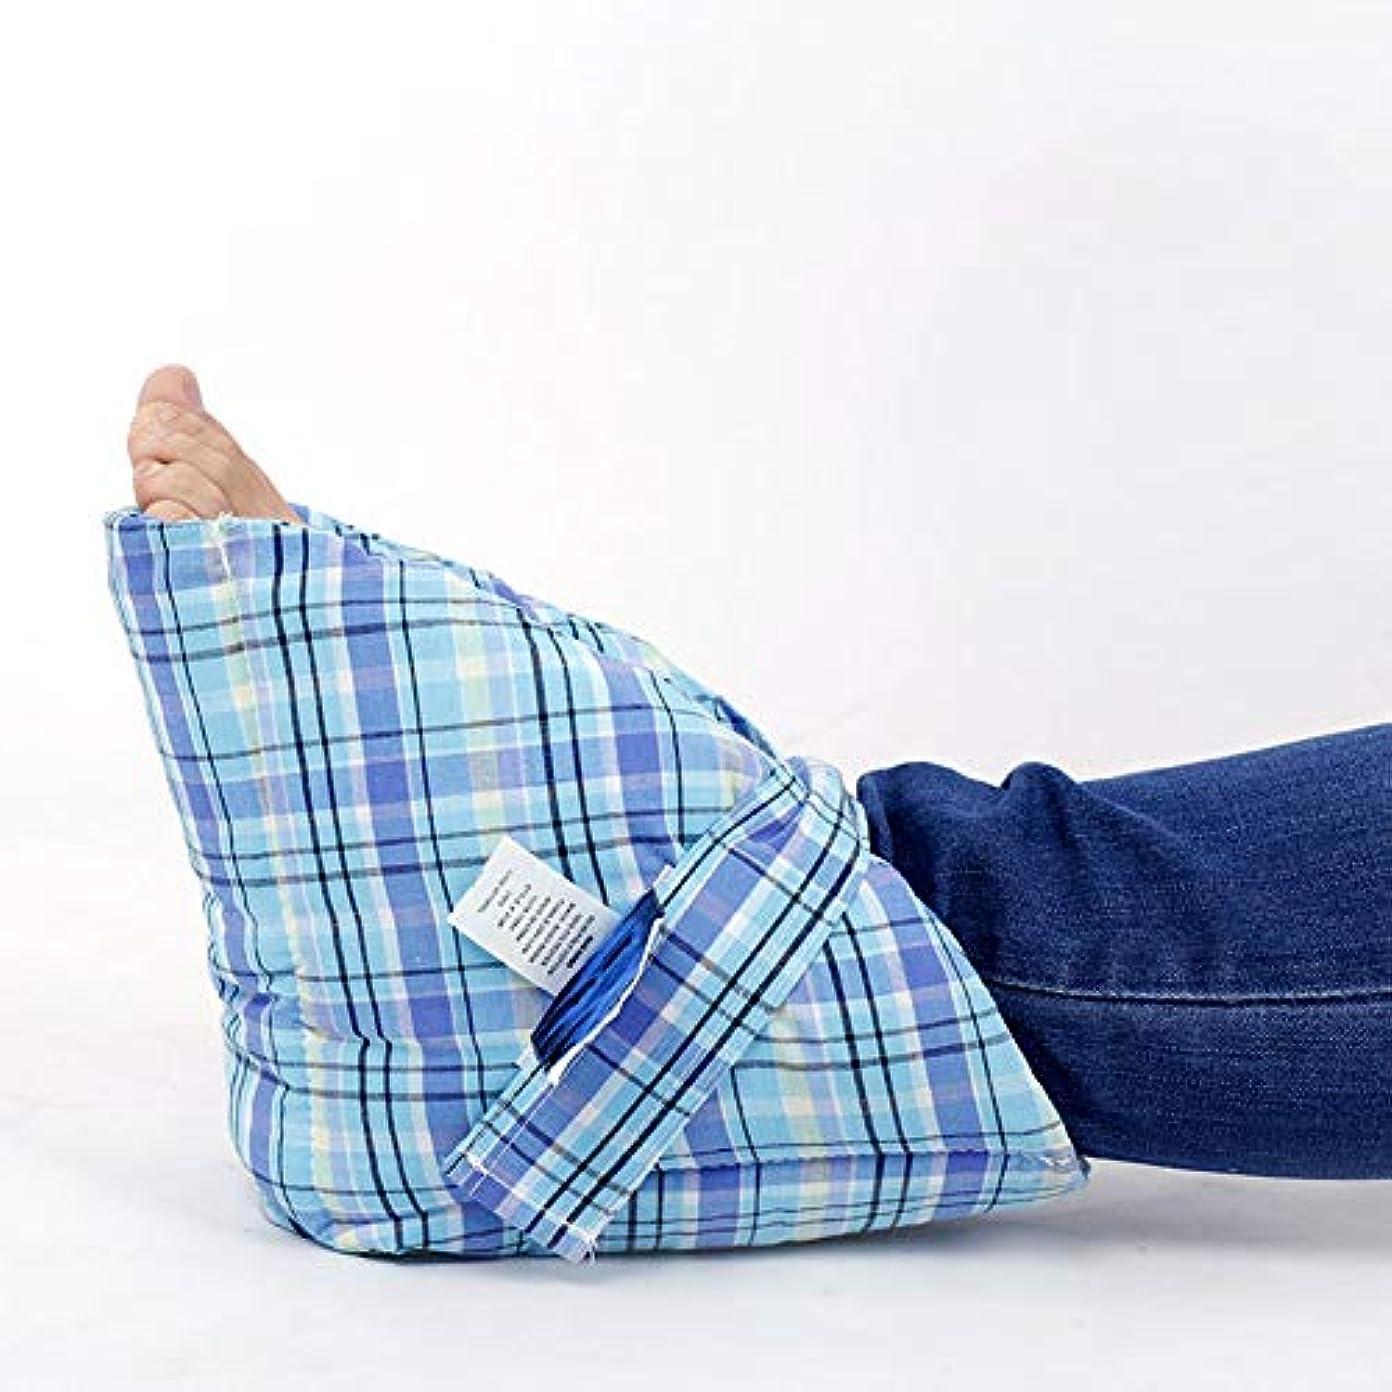 ベアリング適切に謝罪する抗床ずれヒールプロテクター枕、圧力緩和ヒールプロテクター、患者ケアヒールパッド足首プロテクタークッション、効果的な床ずれおよび足潰瘍緩和フットピロー (1PCS)